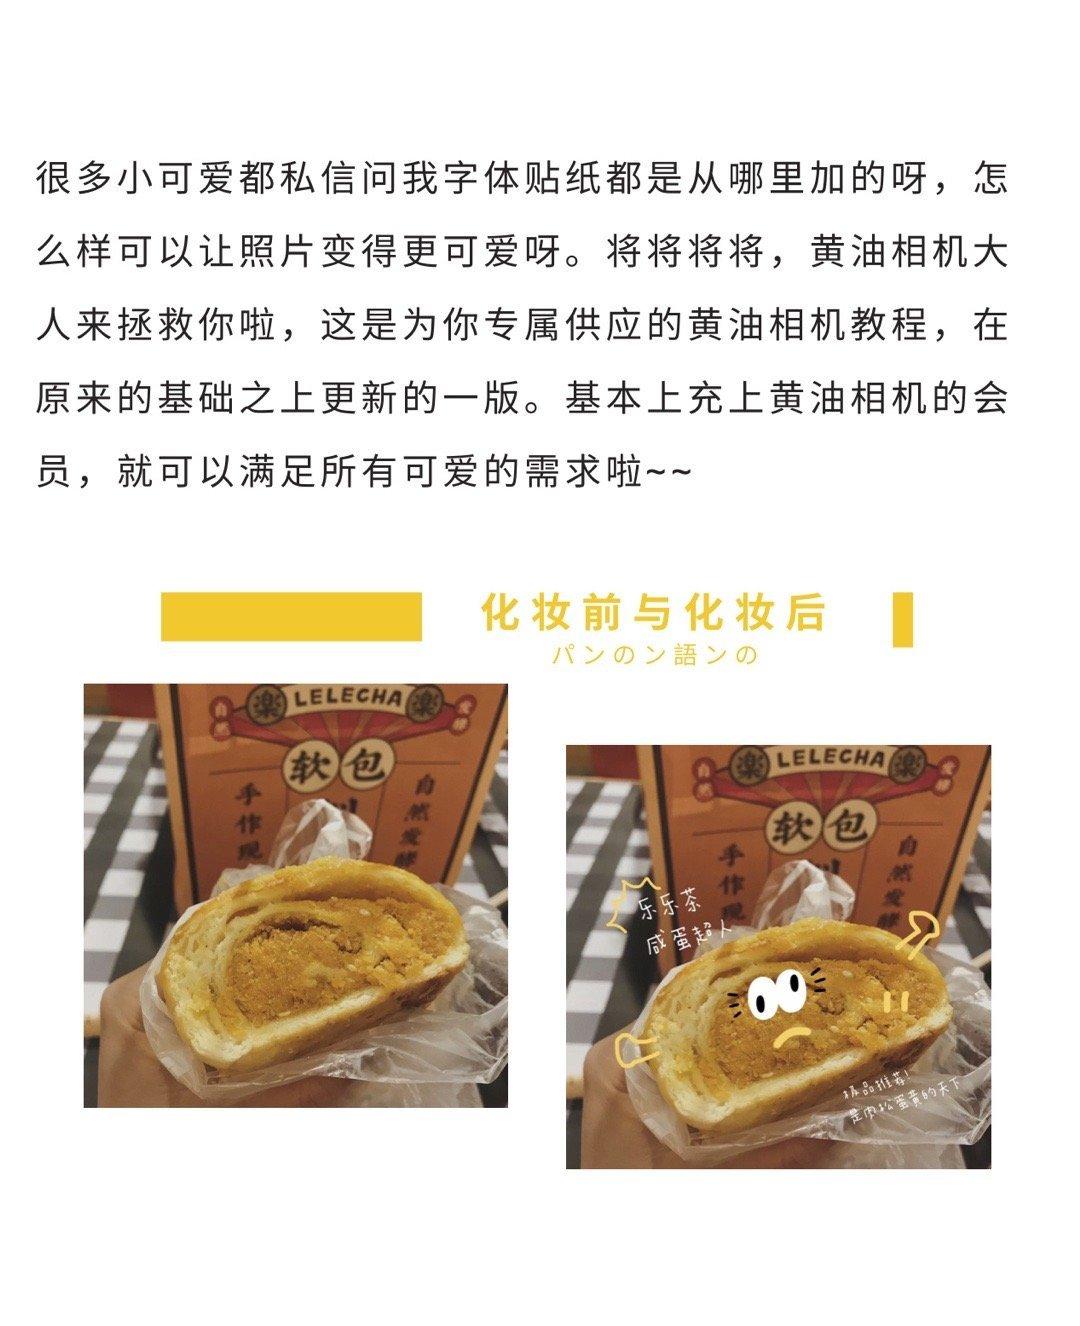 黄油相机使用教程分享 by@奶泡凤梨酥